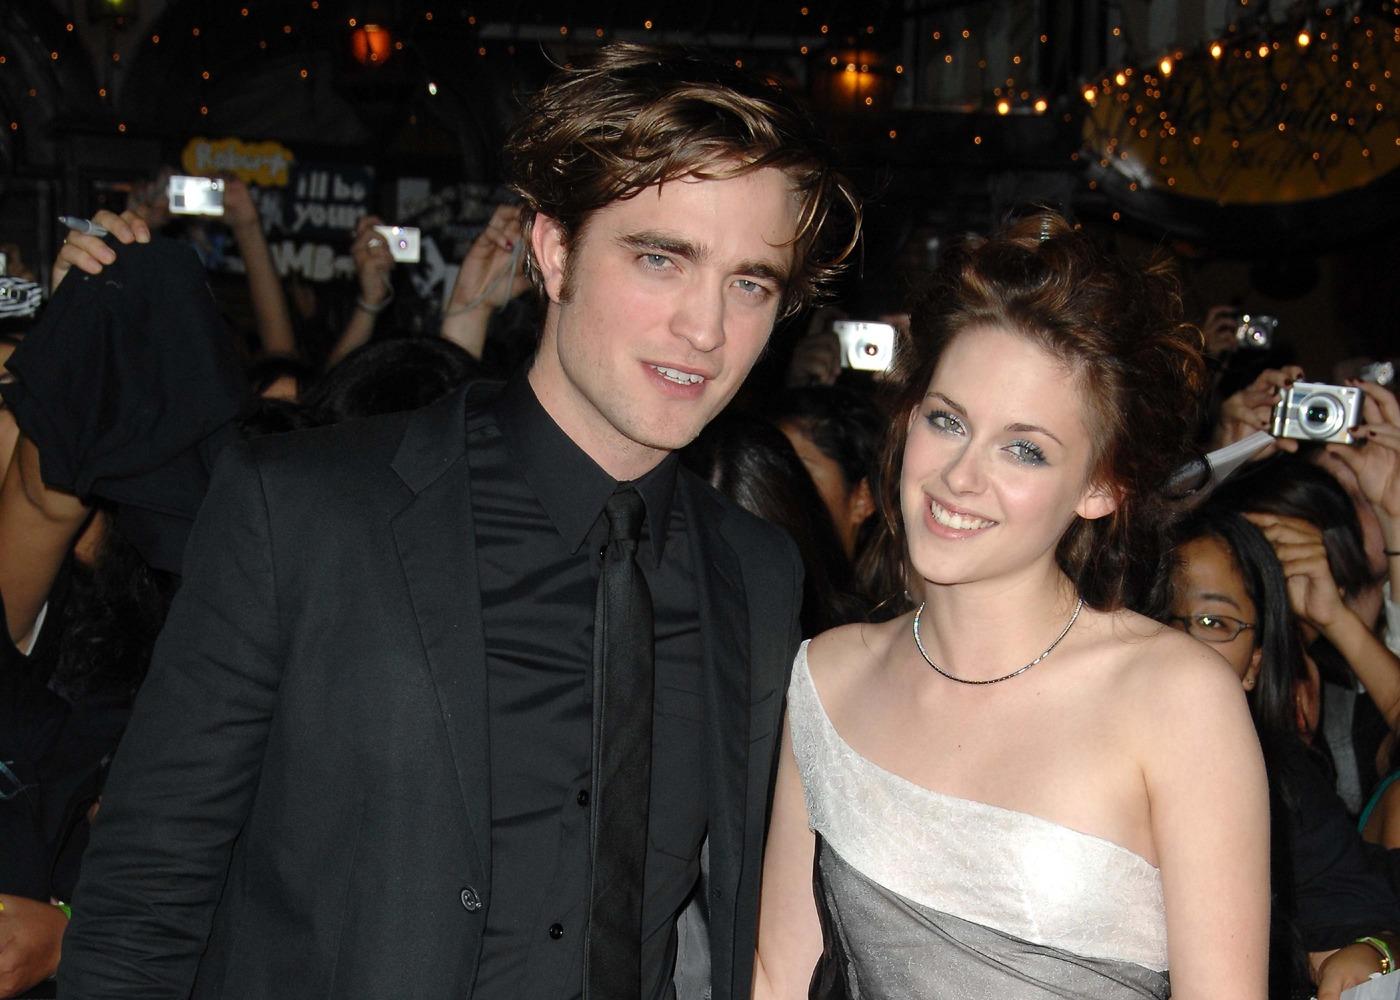 http://1.bp.blogspot.com/-DQZg00ZpDa4/Tg_kvT0OiiI/AAAAAAAAADk/nGCDvFuaqs0/s1600/Robert-Pattinson-Kristen-Stewart.jpg